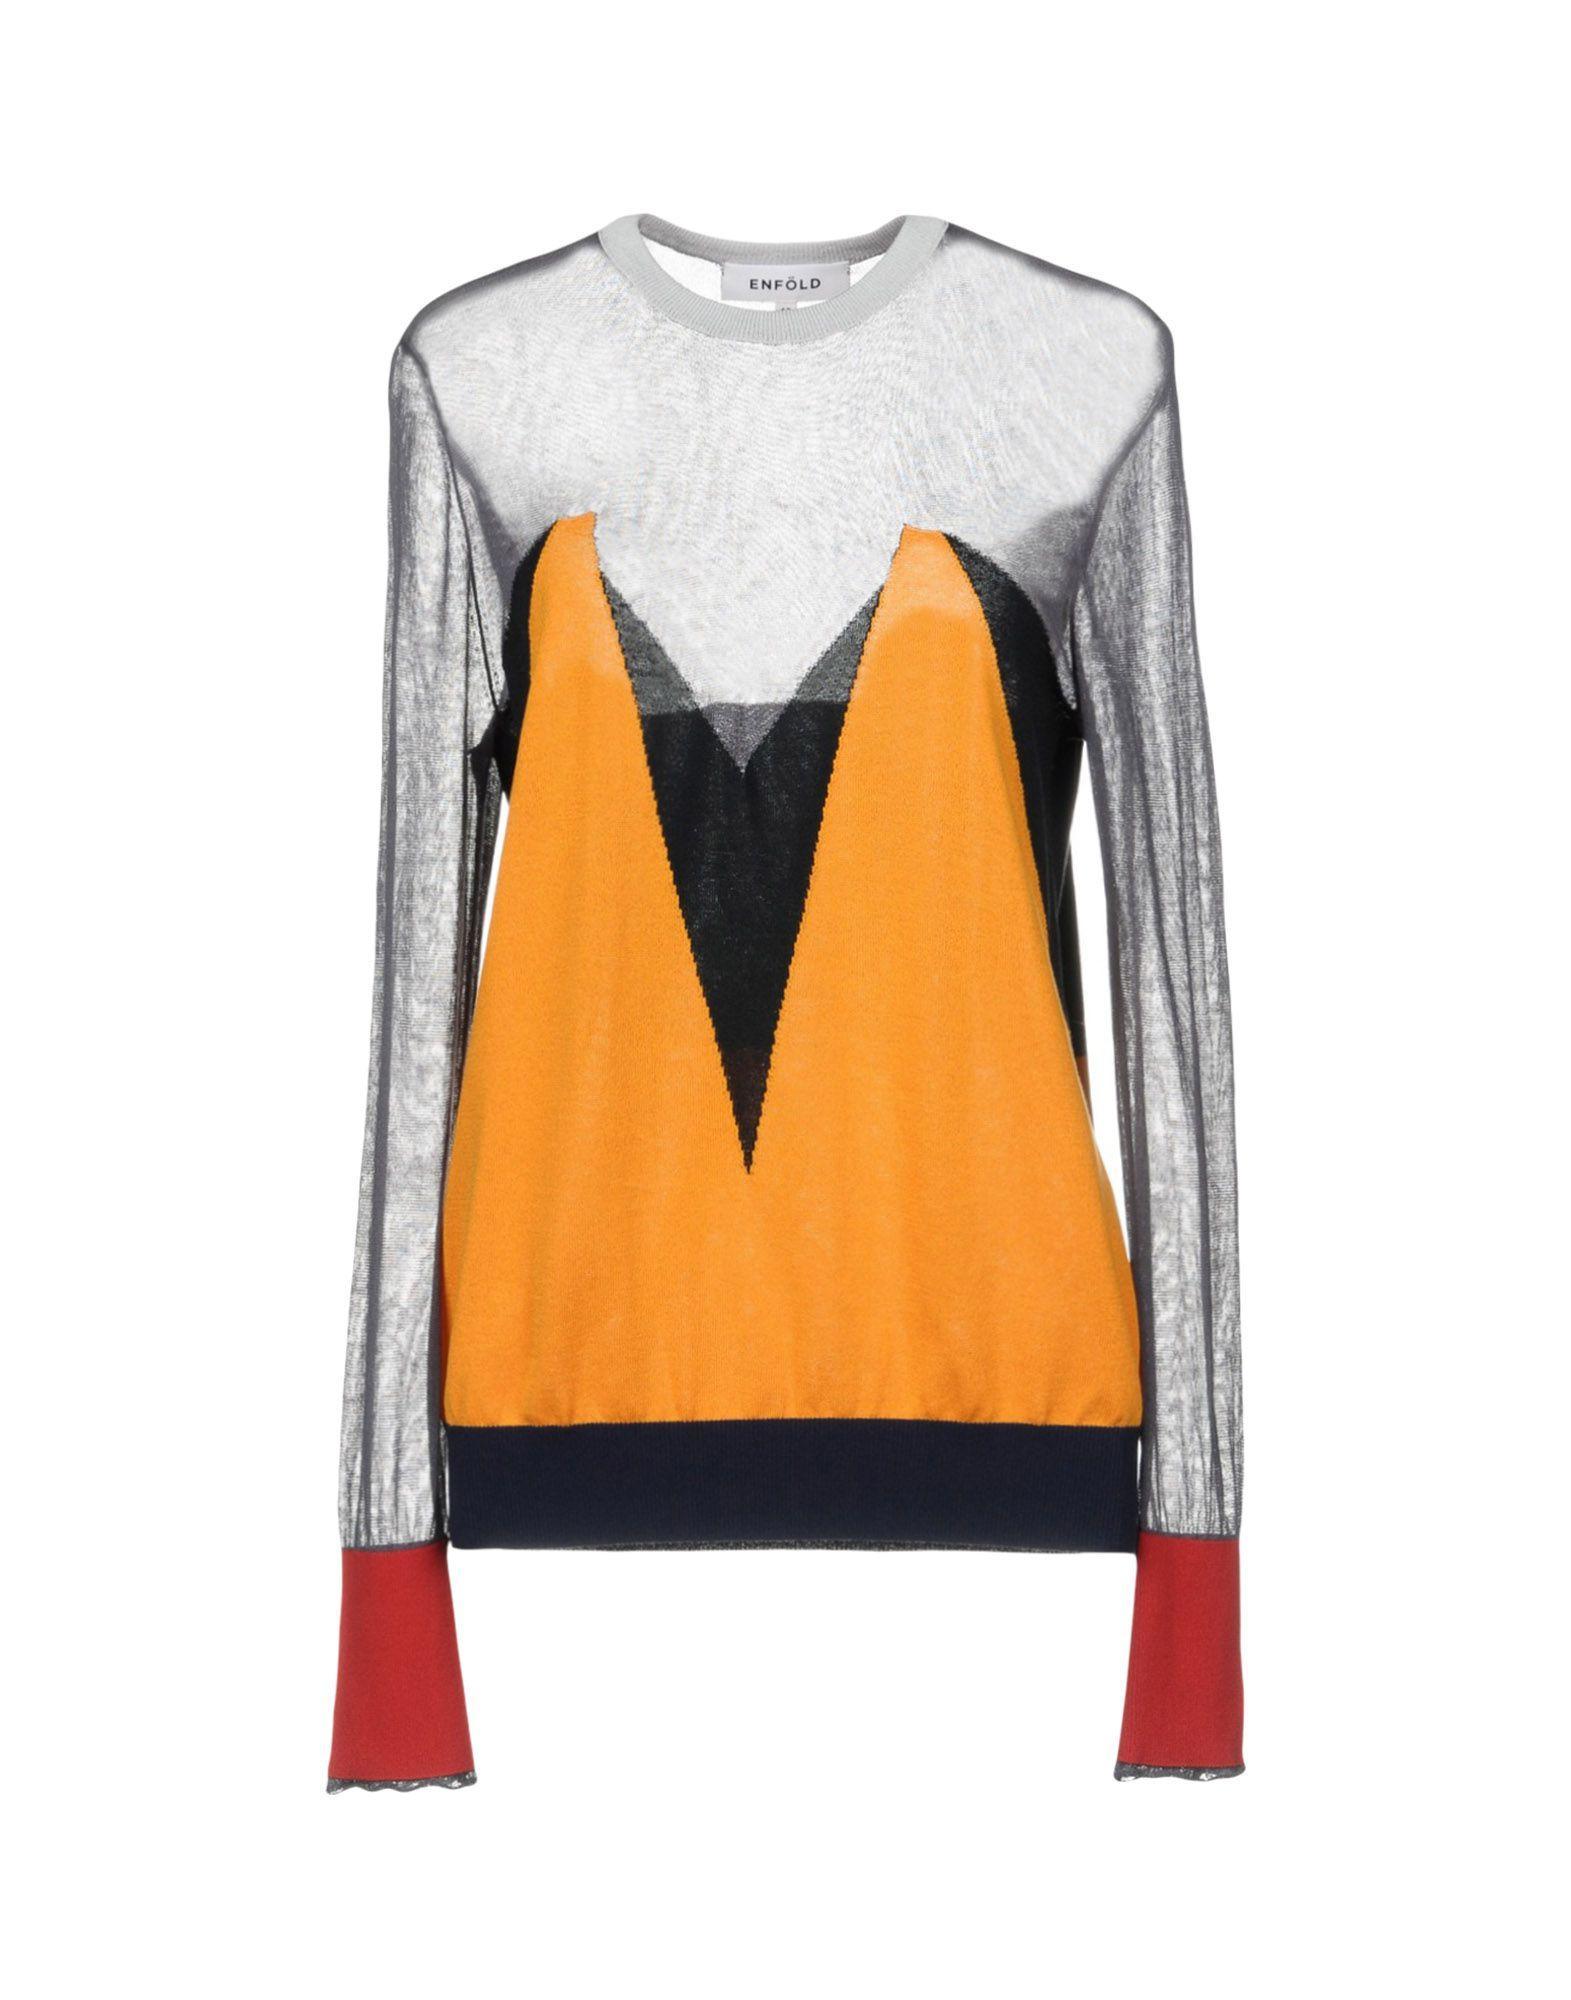 EnfÖld Sweaters In Orange